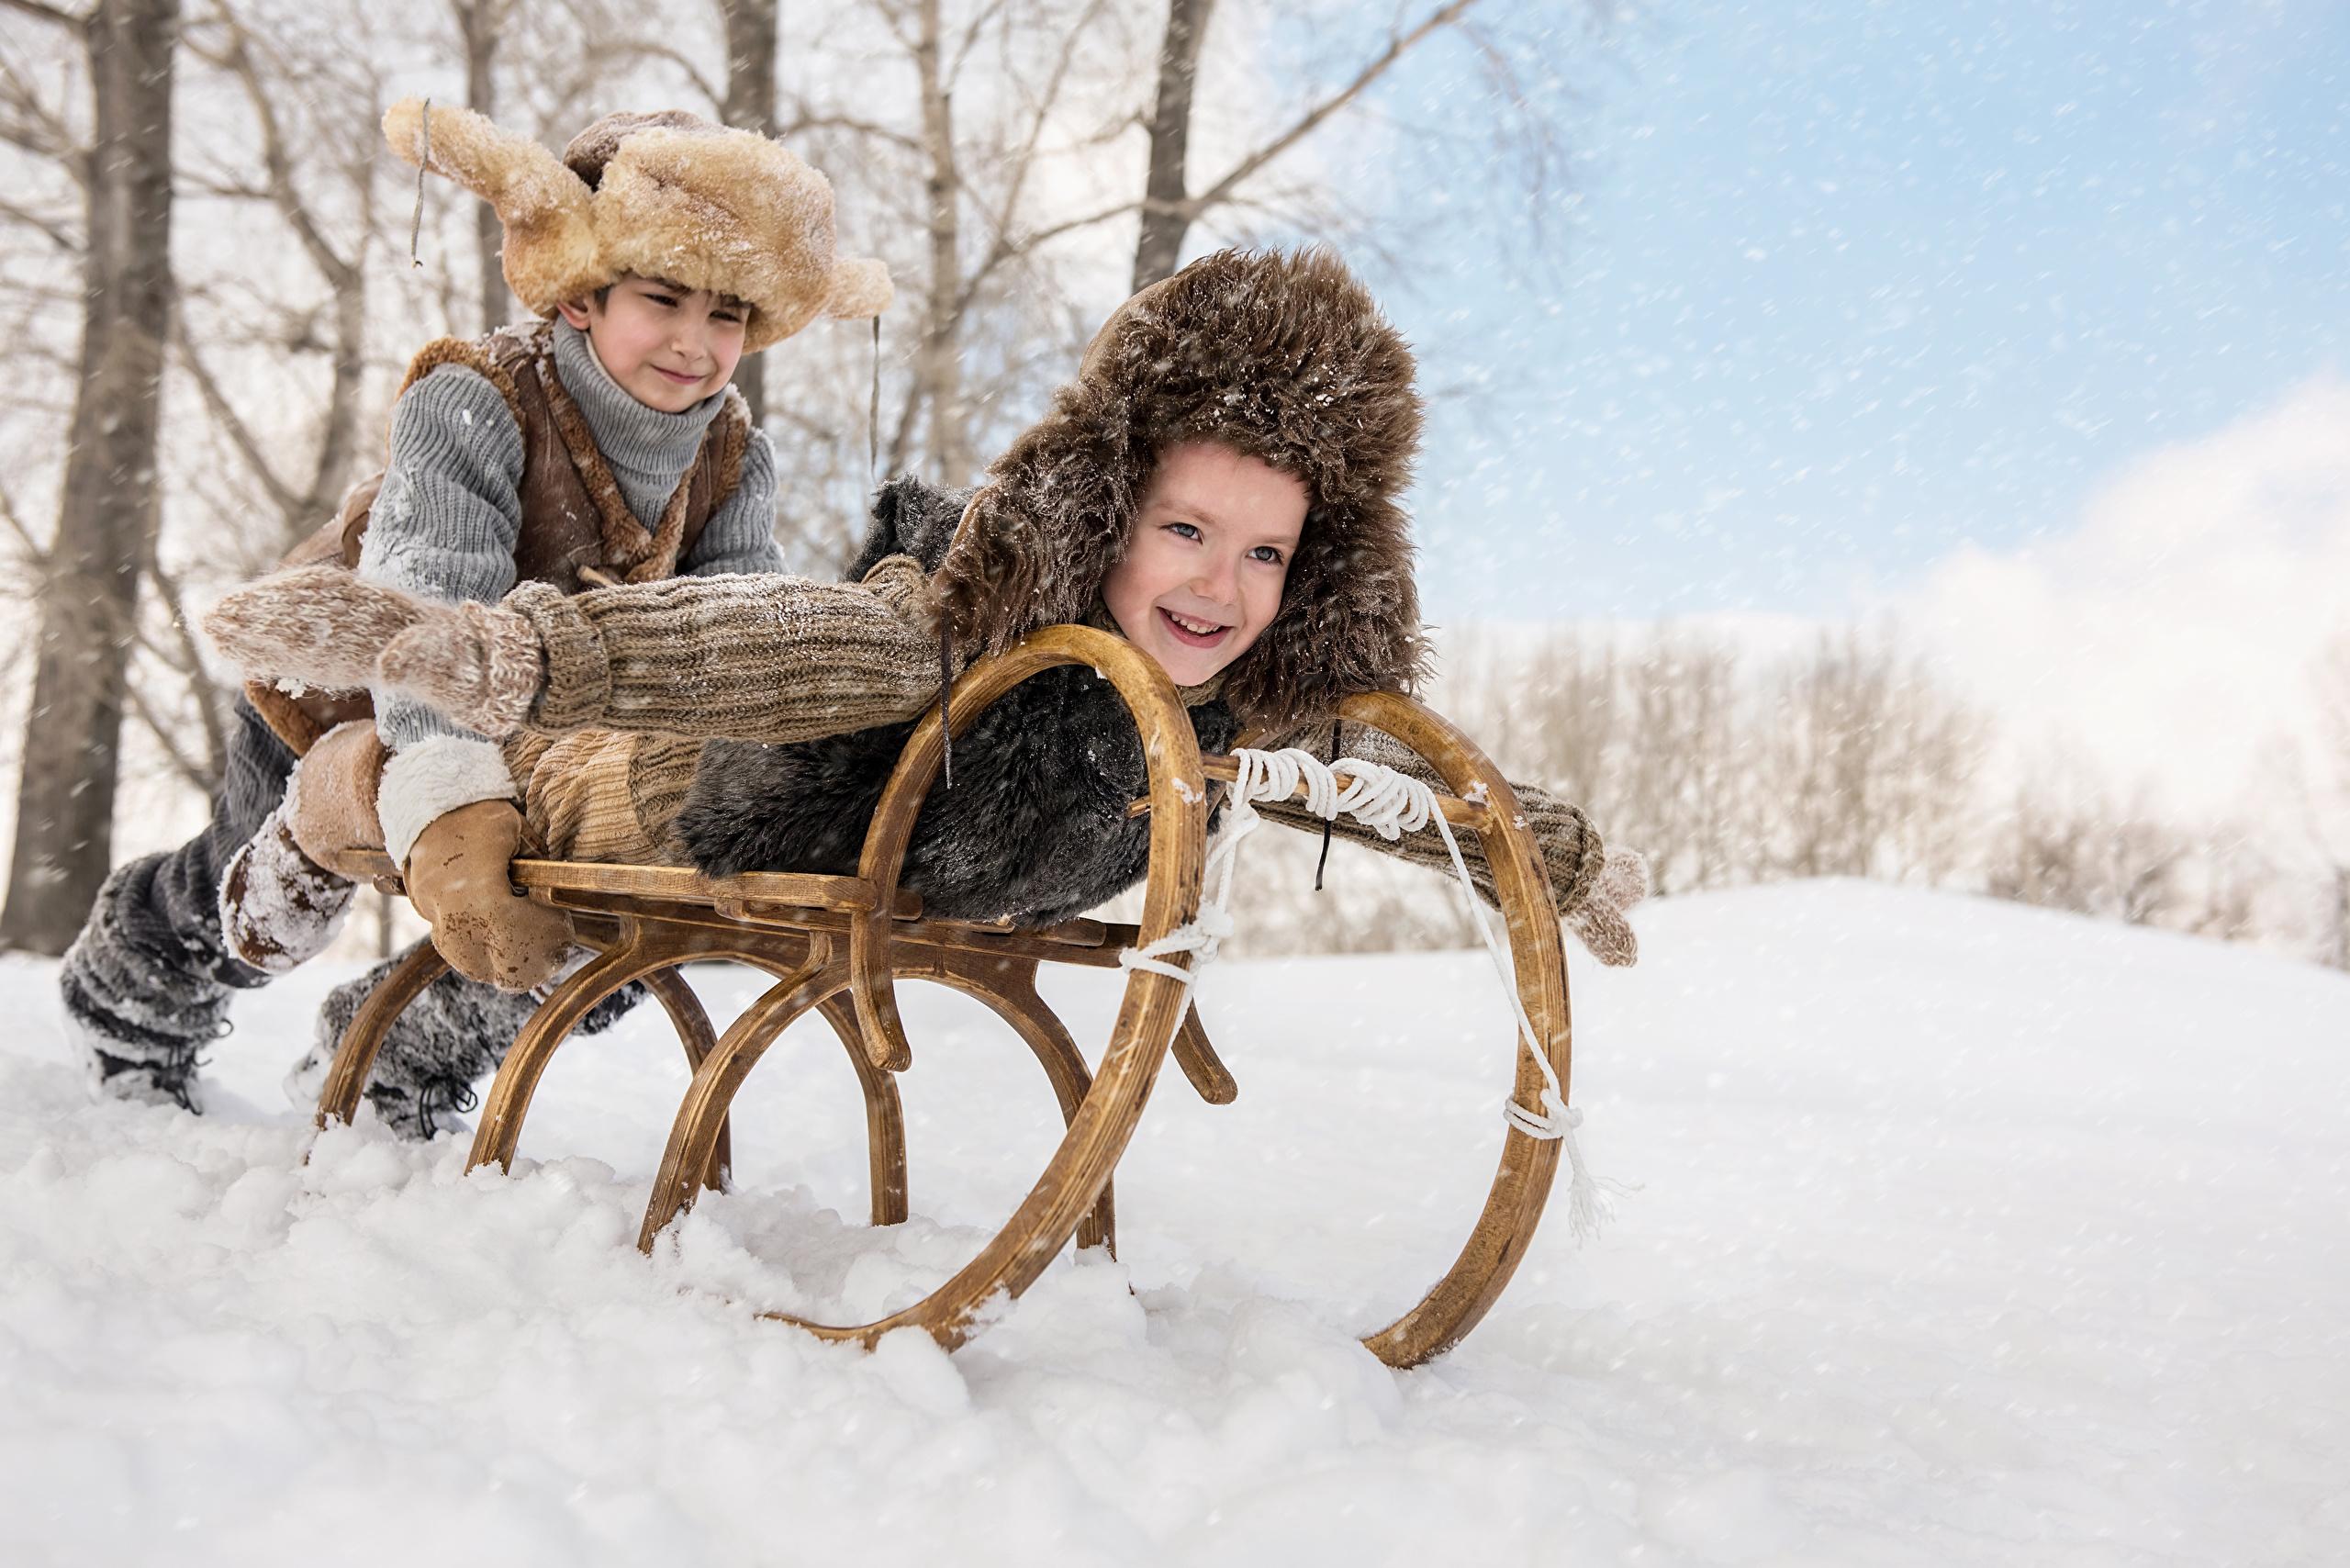 Обои для рабочего стола зима в деревне мальчик с санями